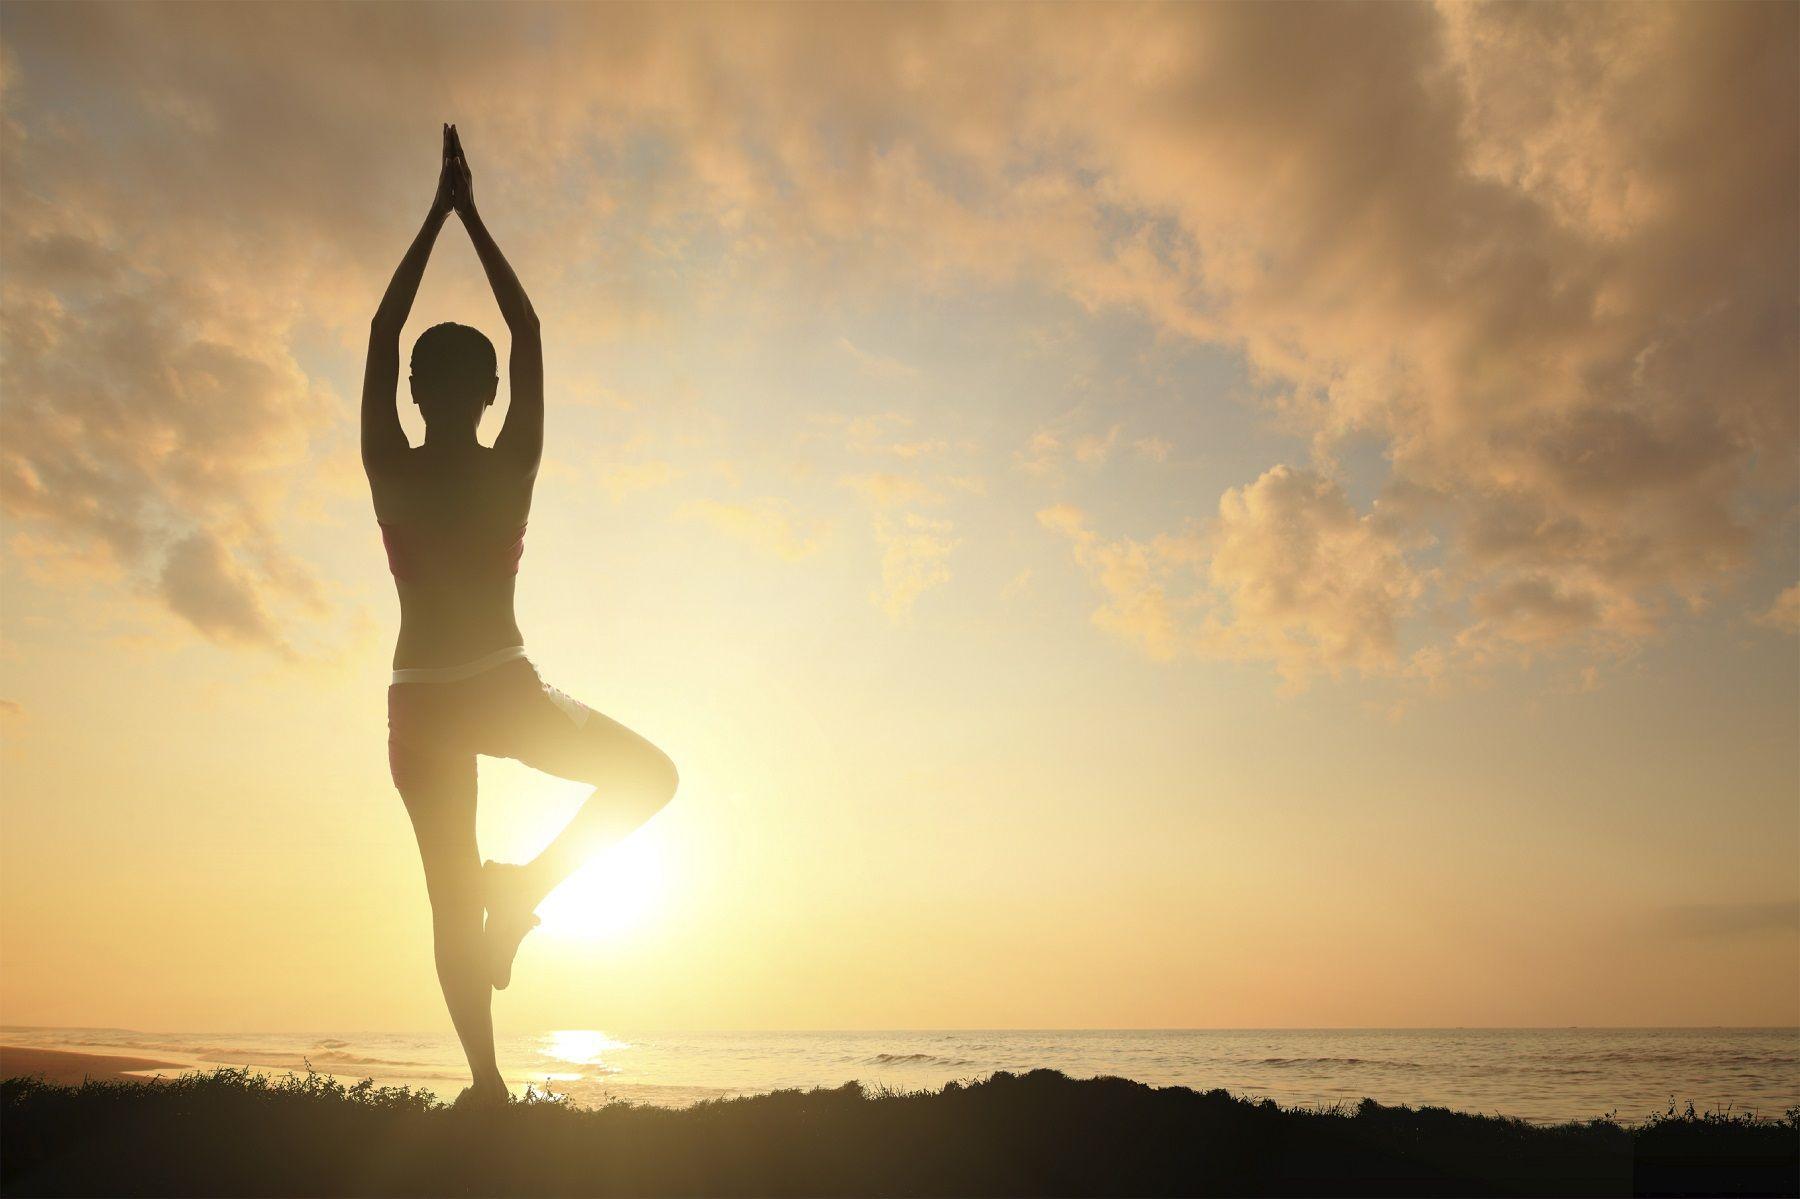 Come allenare e rinforzare il muscolo della serenità